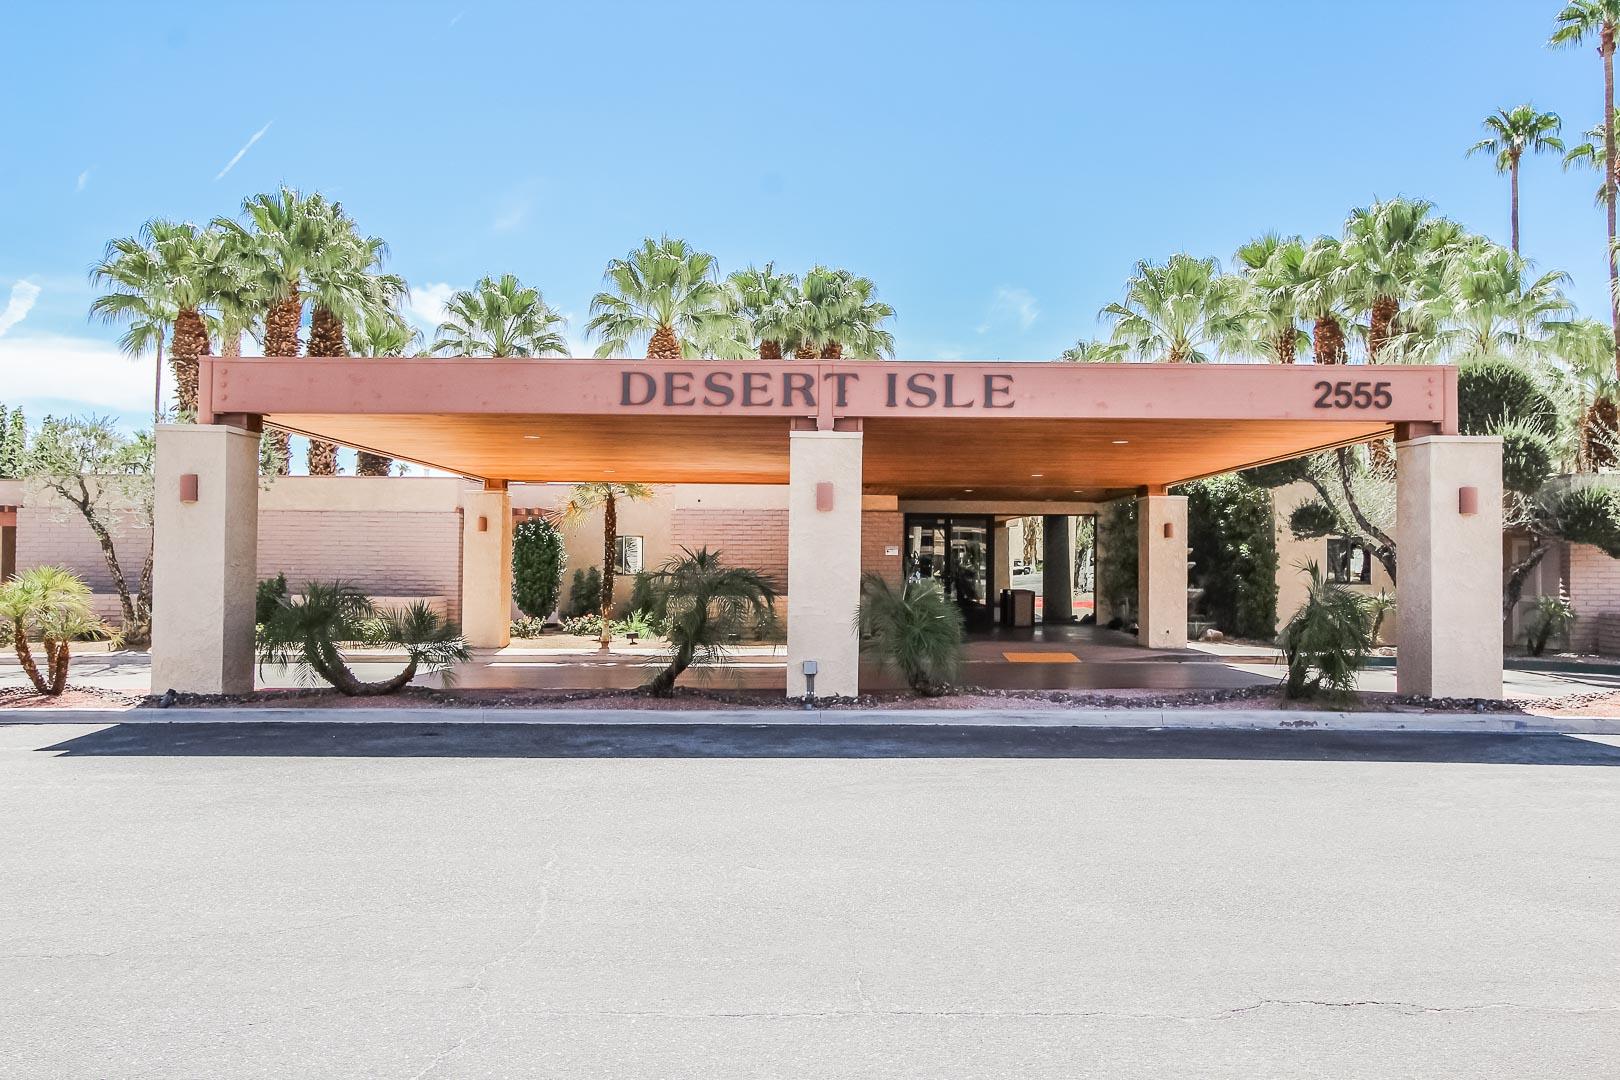 desert-isle-resort-03